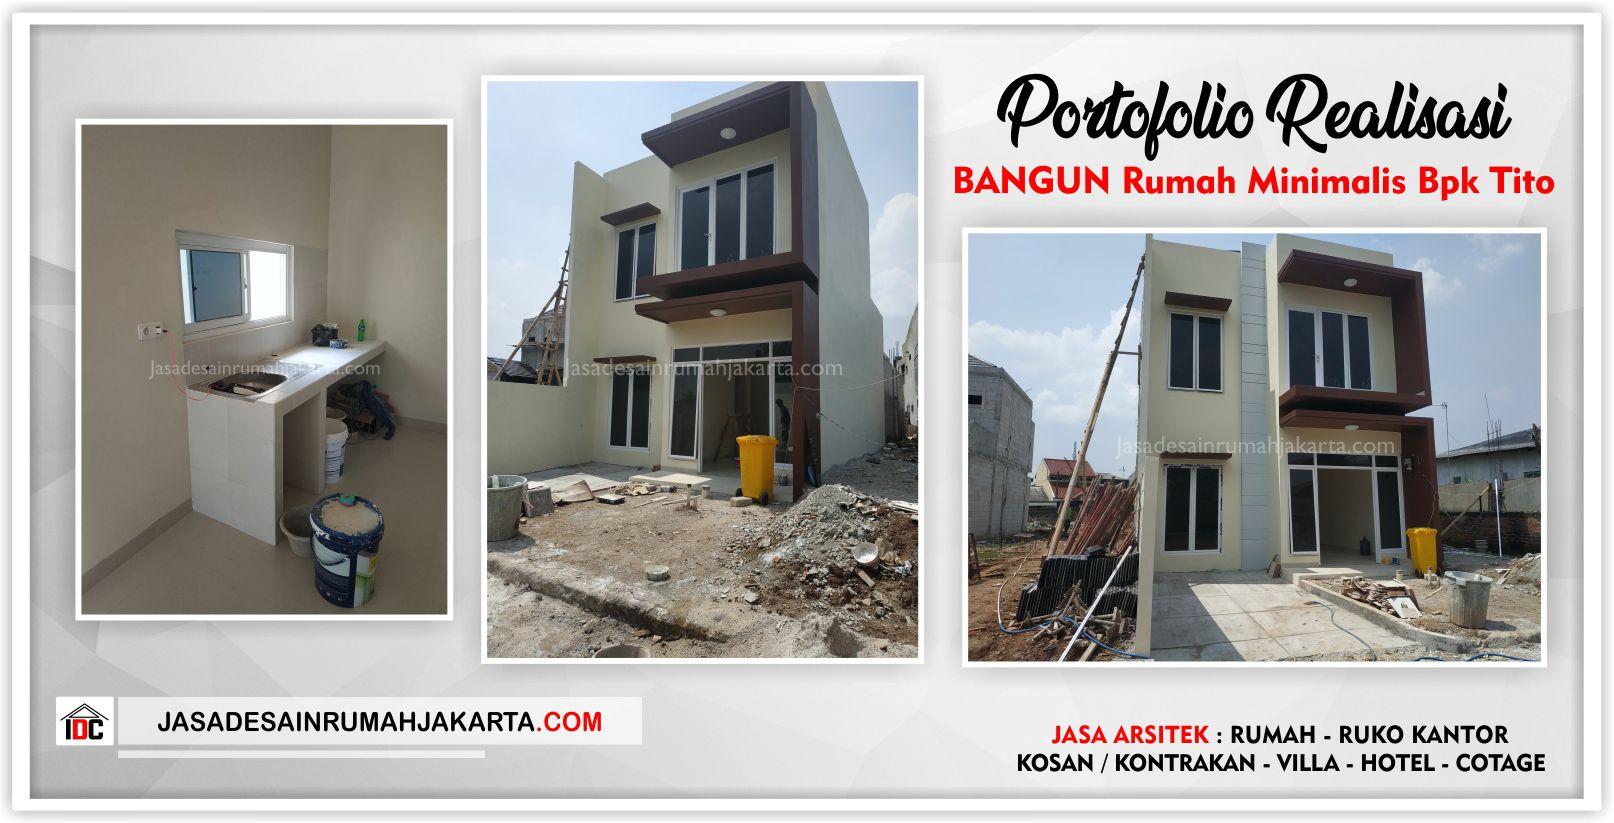 Realisasi Kunjungan Rumah Bpk Tito-Arsitek Gambar Desain Rumah Minimalis Modern Di Bekasi-Jakarta-Surabaya-Tangerang-Jasa Konsultan Desain Arsitek Profesional 4